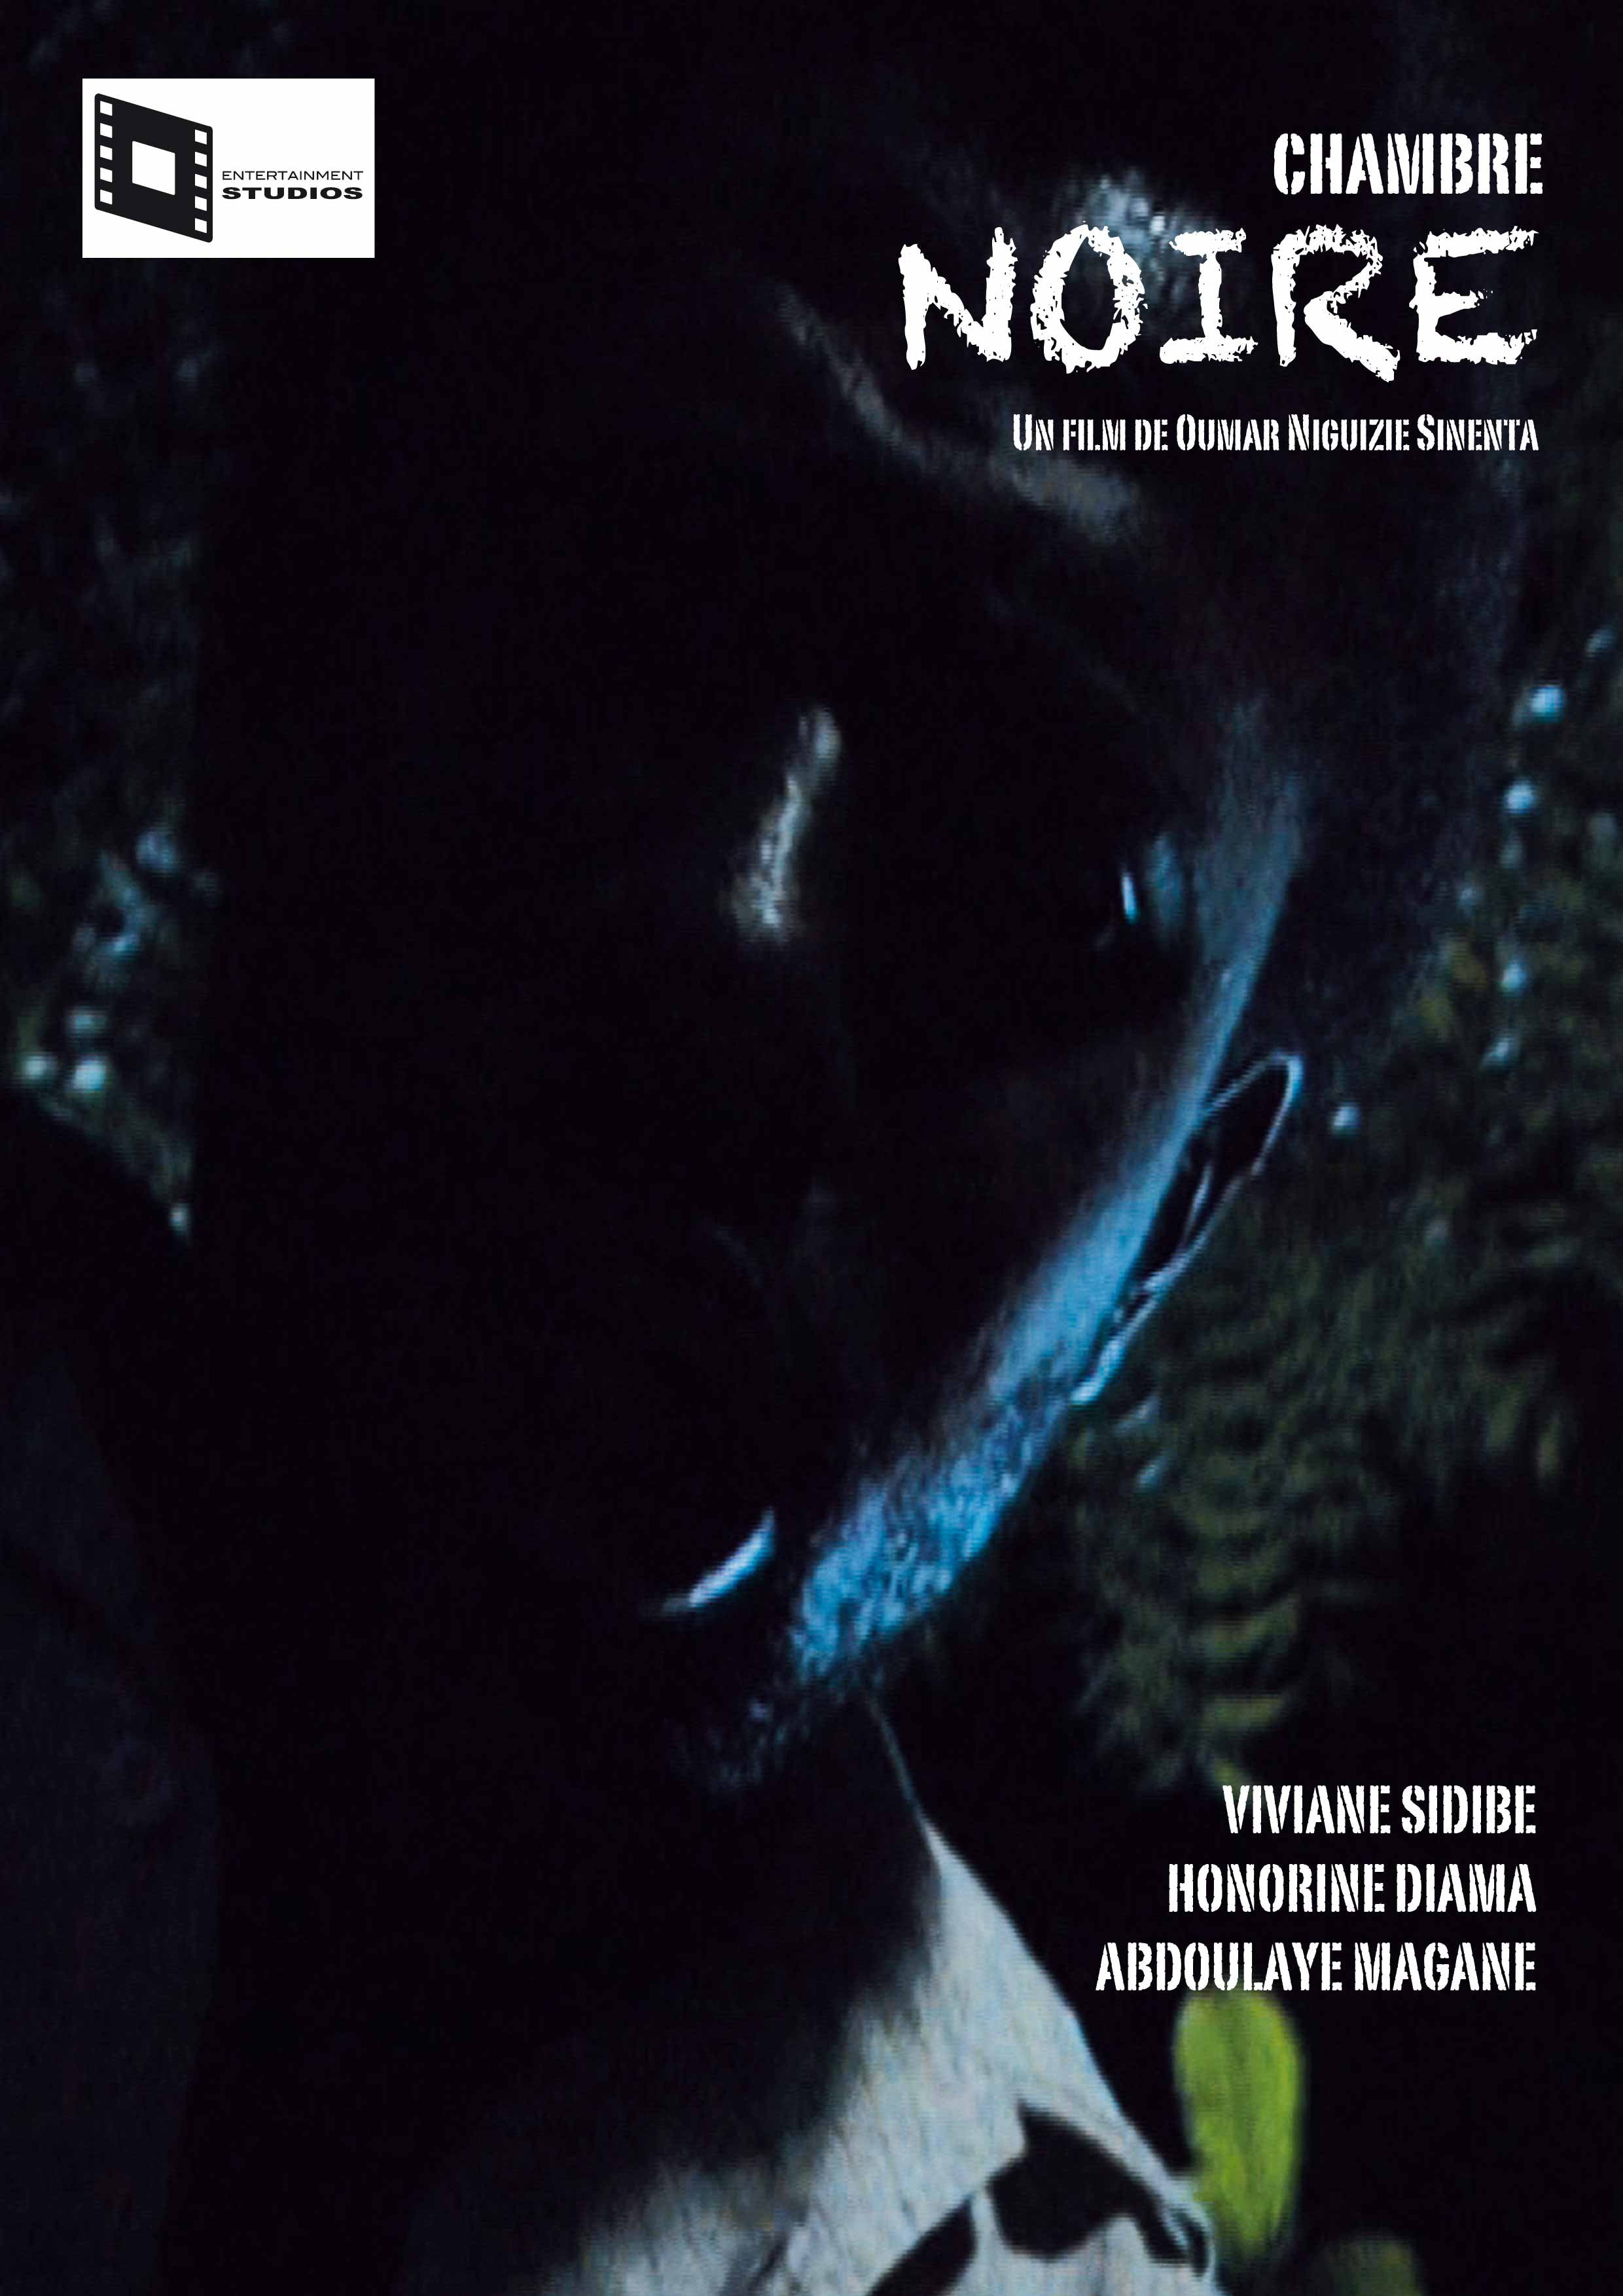 Chambre Noire 2014 Imdb